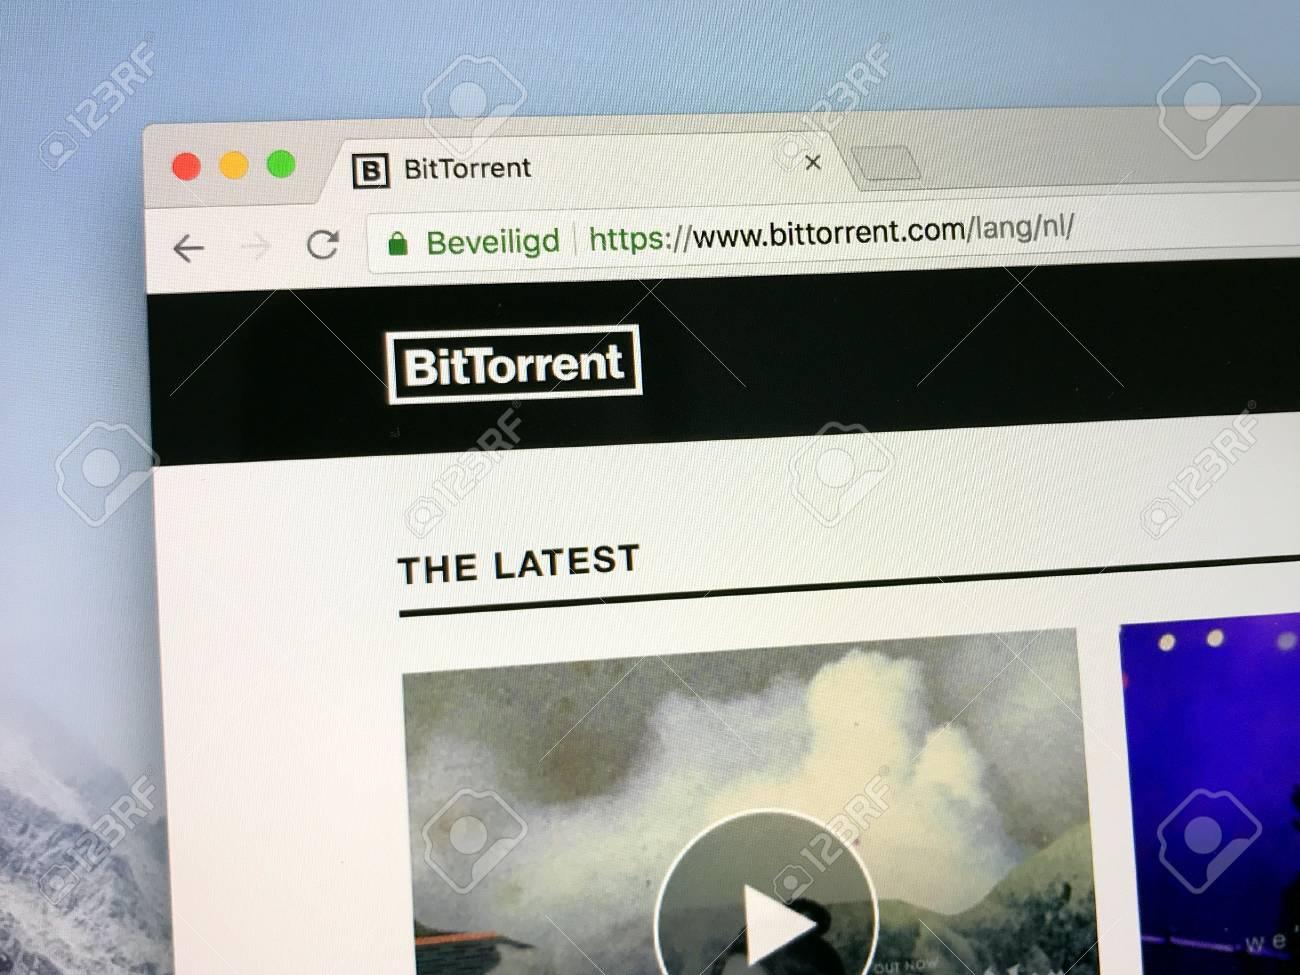 bittorrent official website